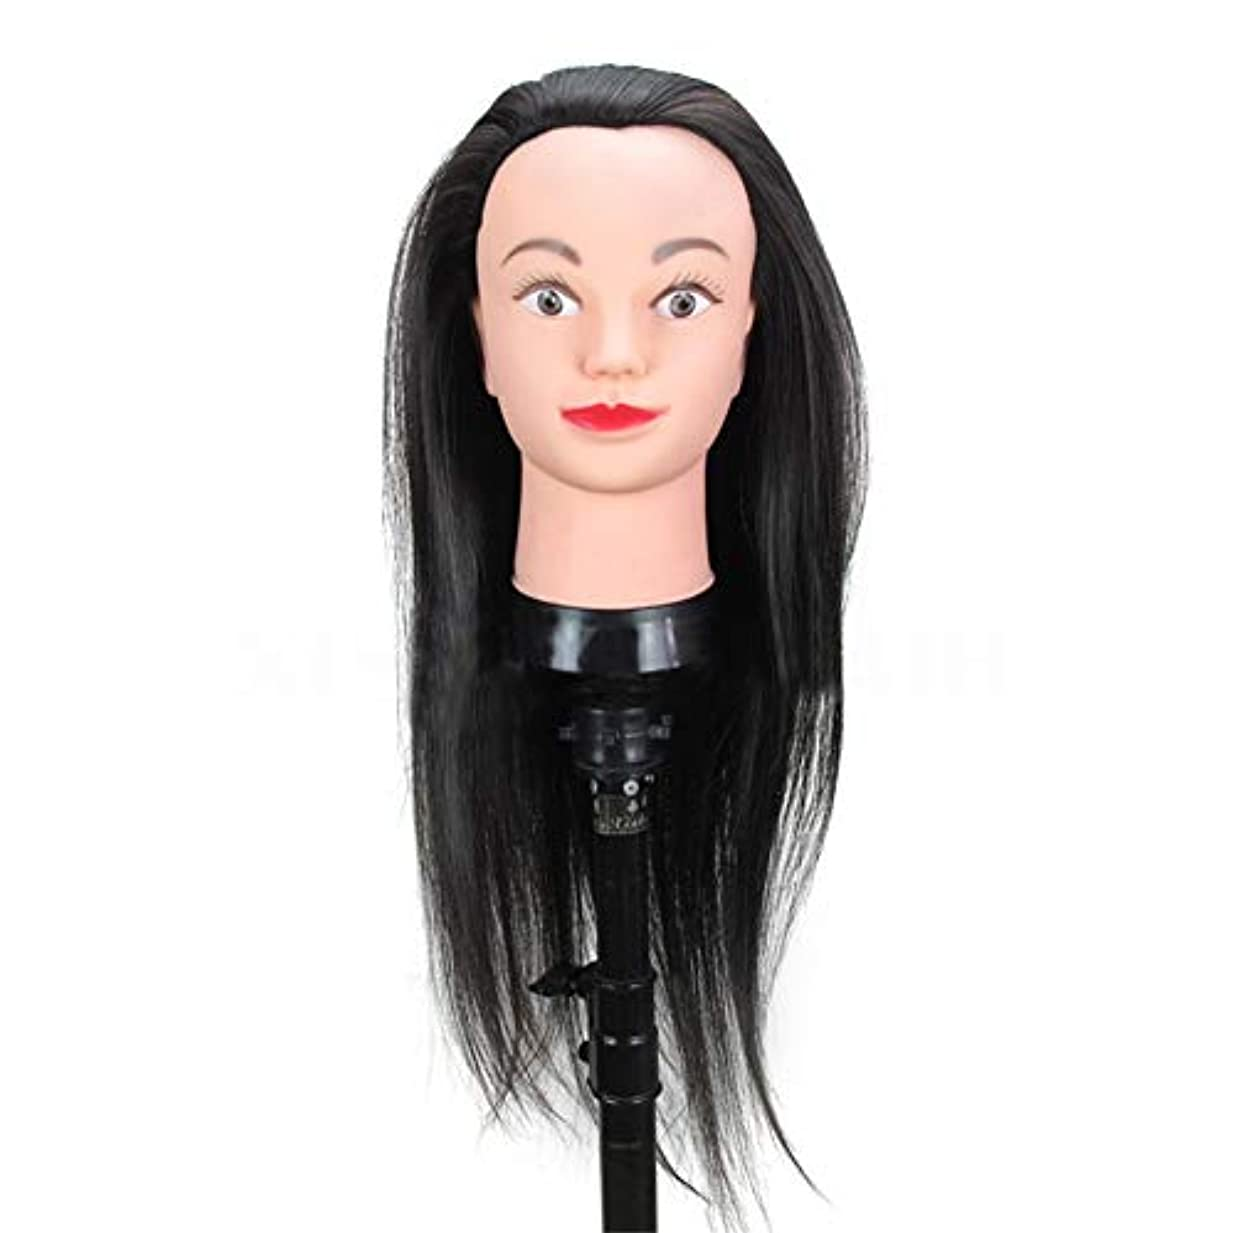 請求可能木ビル高温シルク編組ヘアスタイリングヘッドモデル理髪店理髪ダミーヘッド化粧練習マネキンヘッド